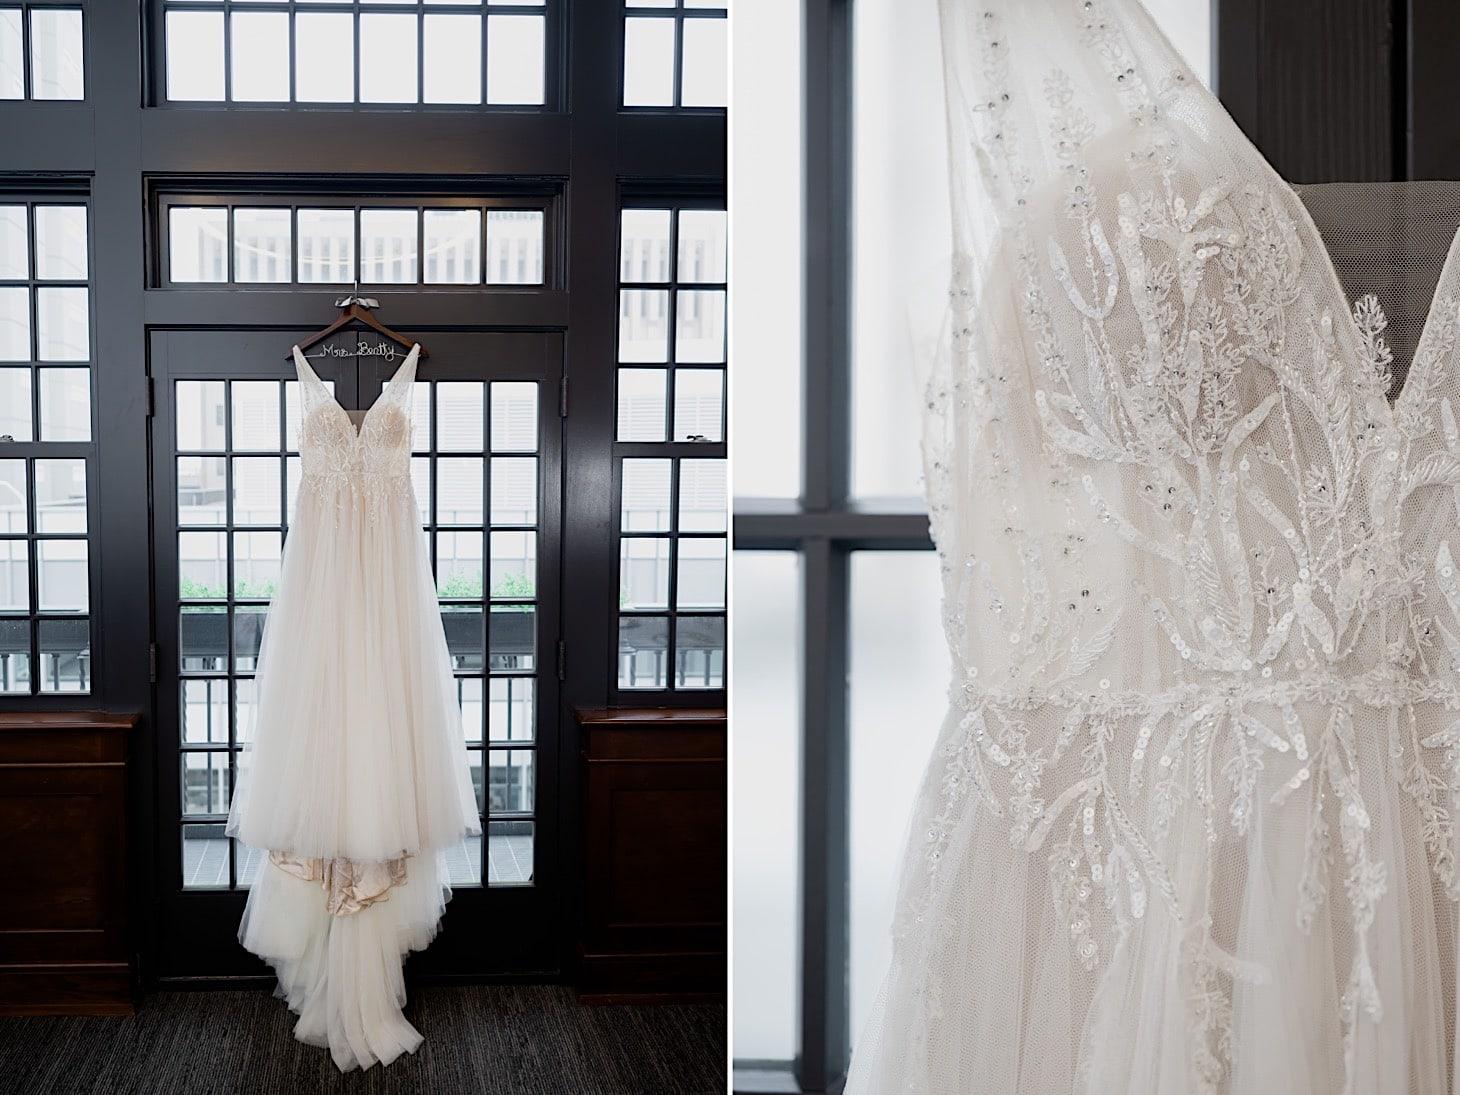 Wedding Dress at Des Moines Tea Room